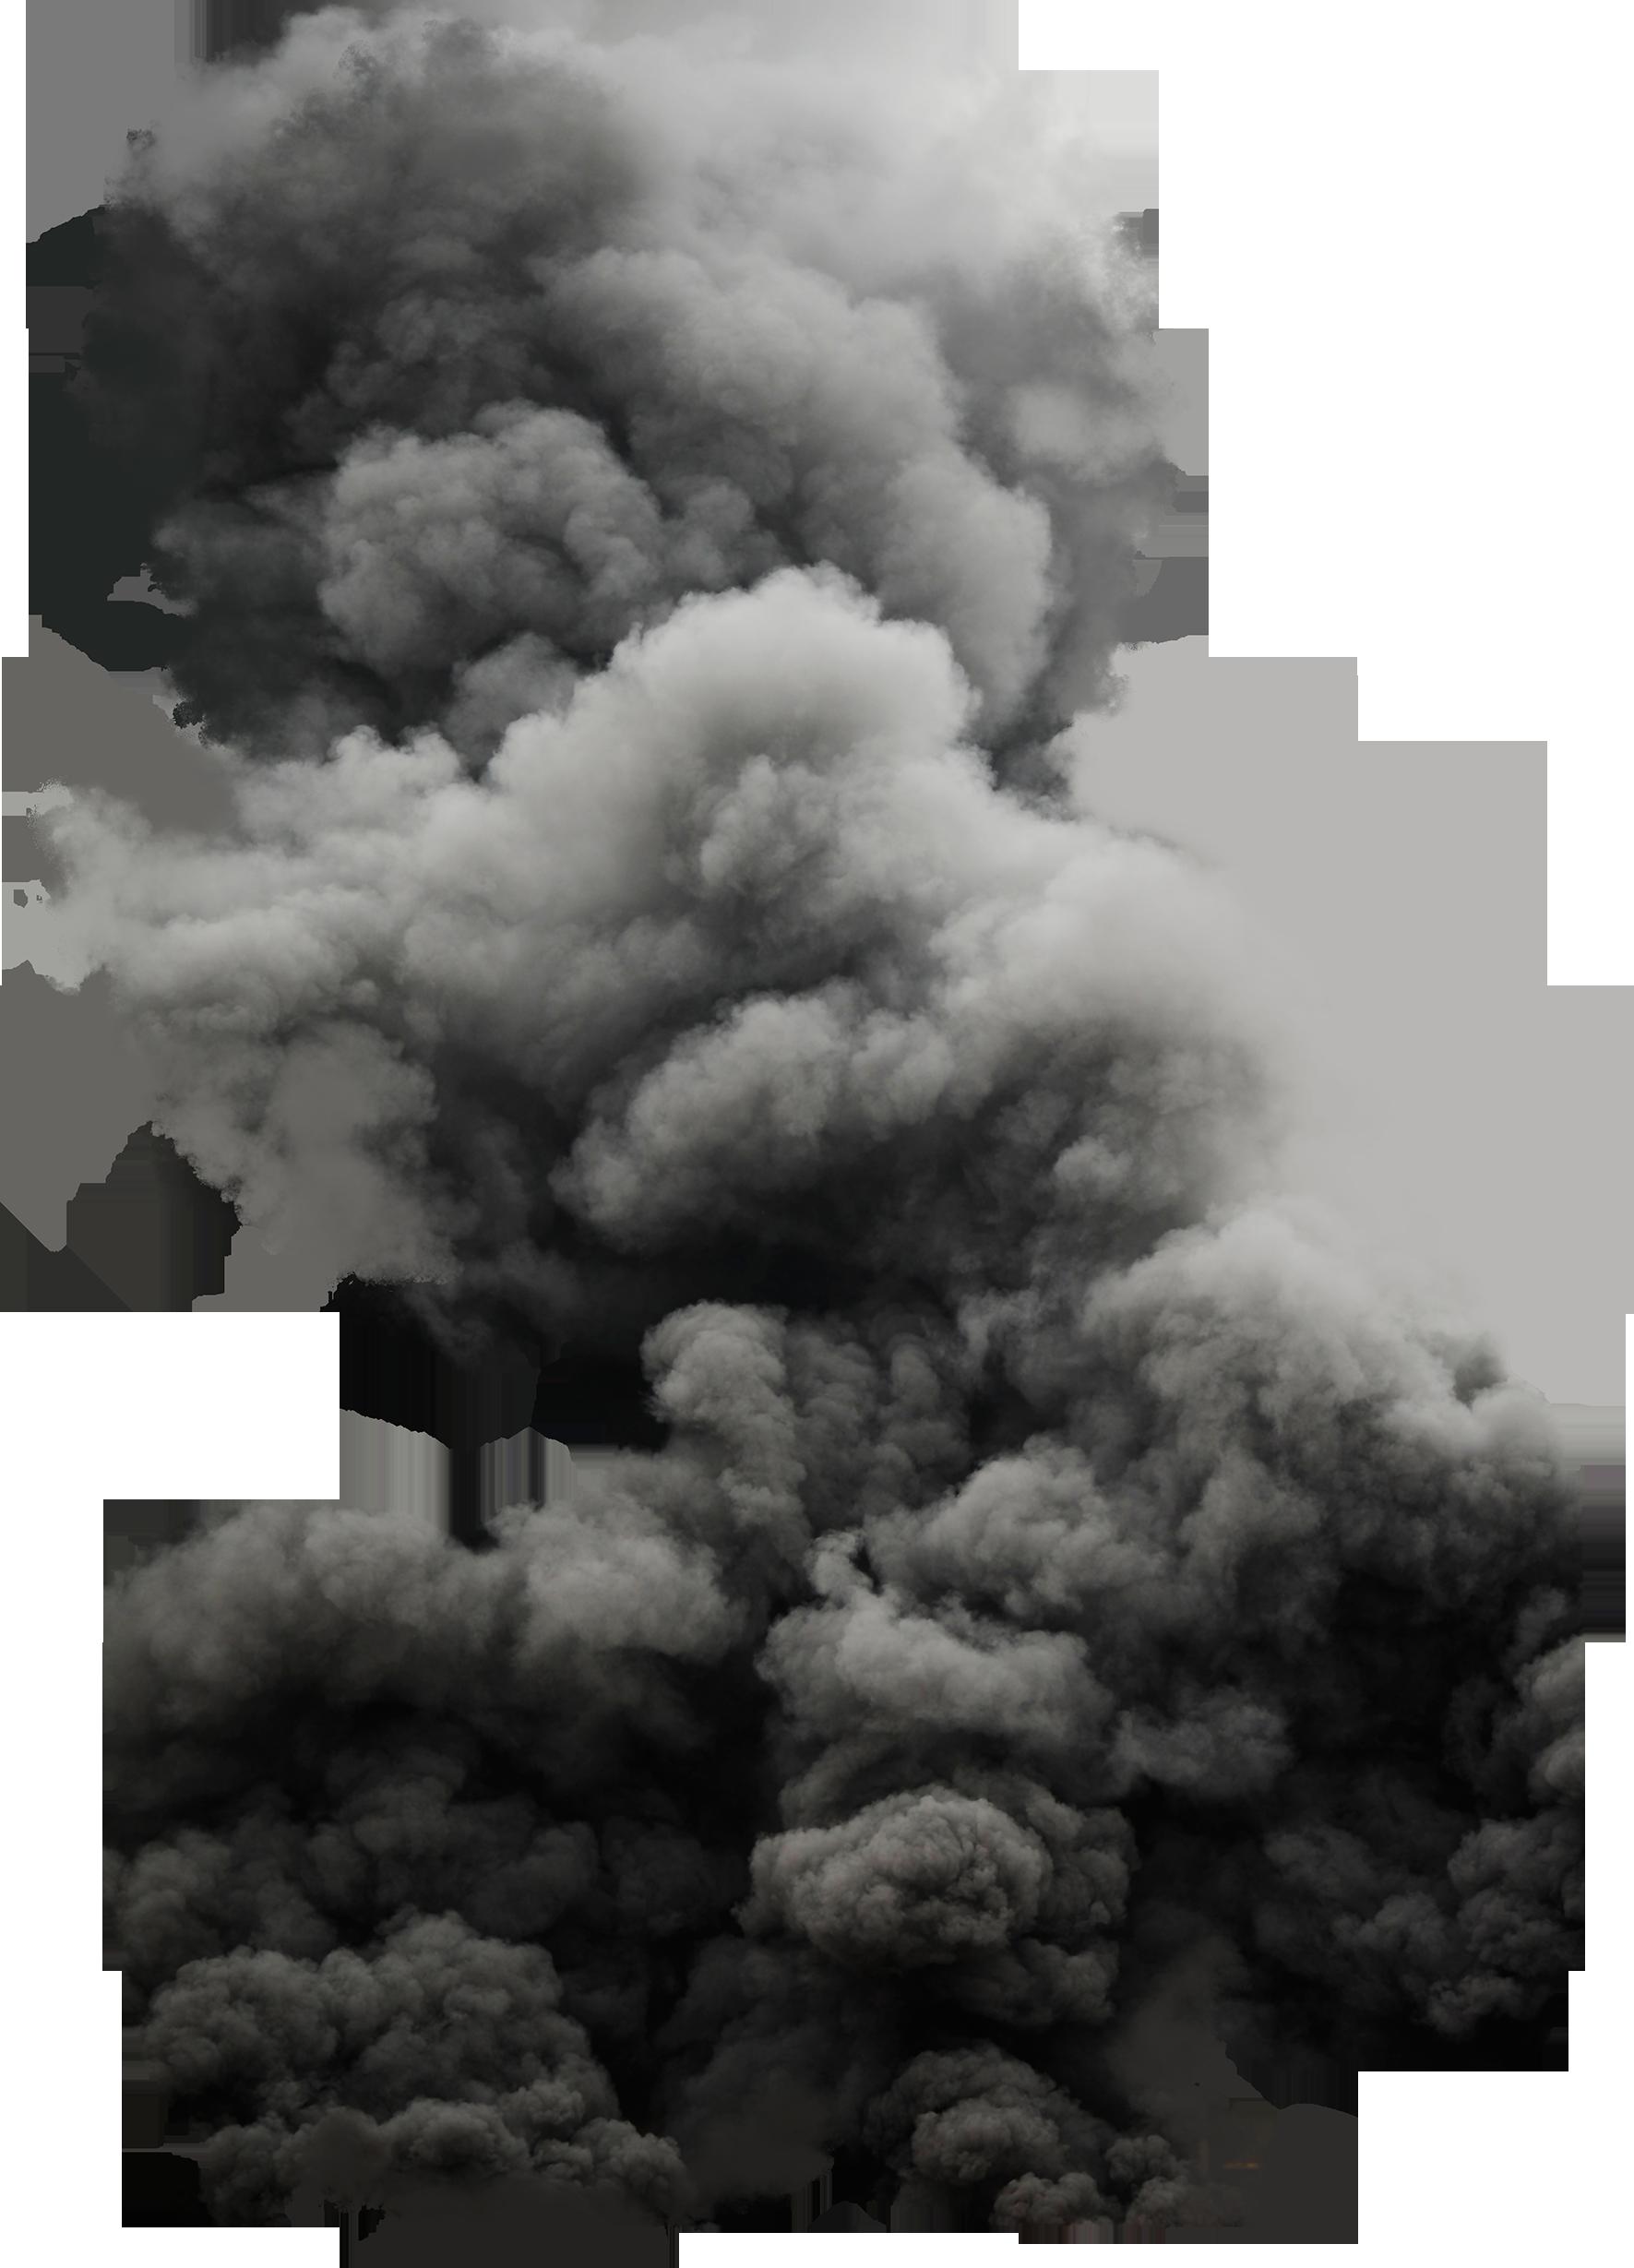 Cloud image purepng free. Black smoke png